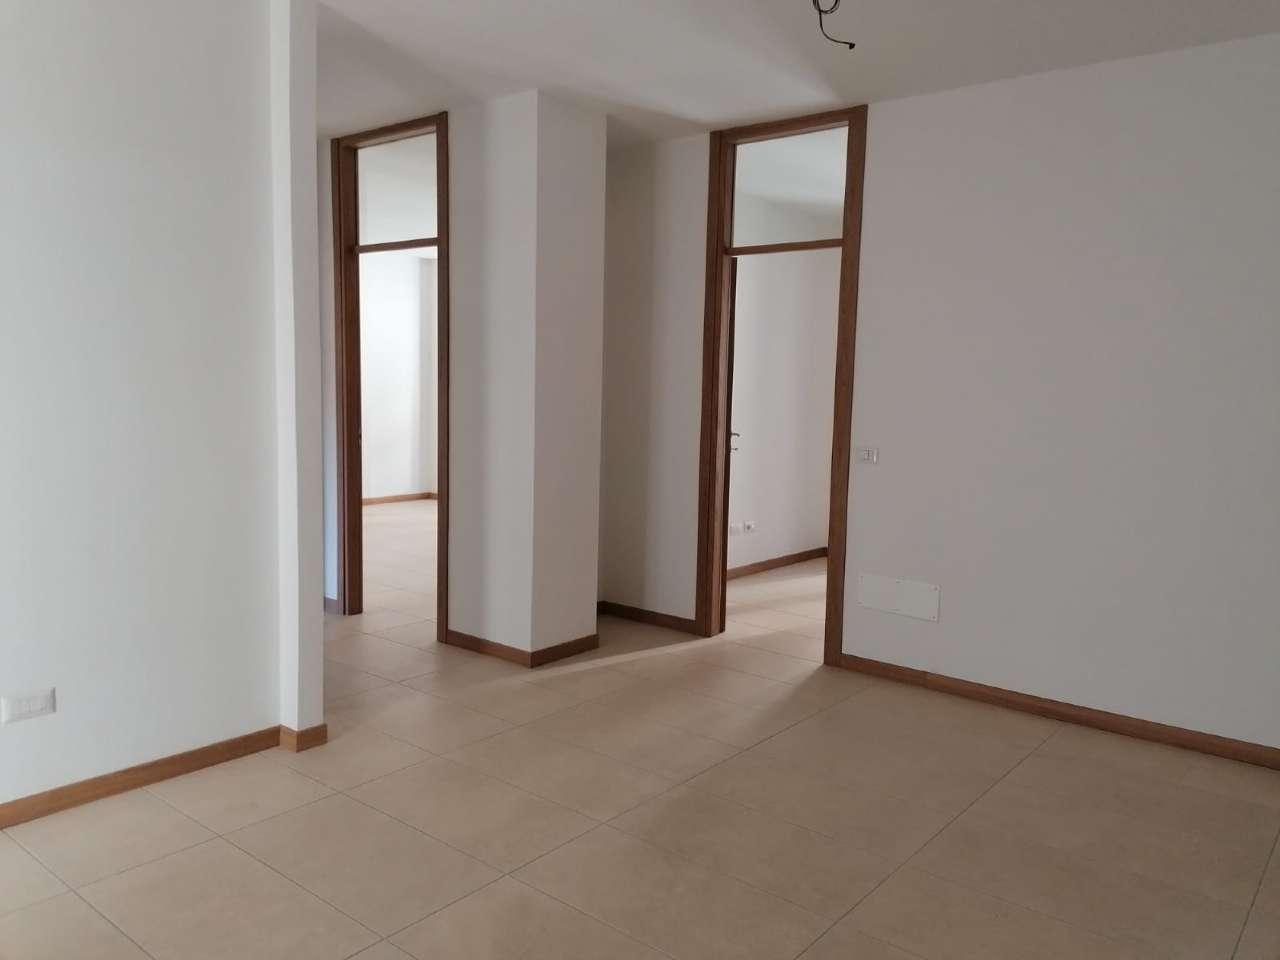 Ufficio / Studio in vendita a Sondrio, 4 locali, prezzo € 150.000 | PortaleAgenzieImmobiliari.it